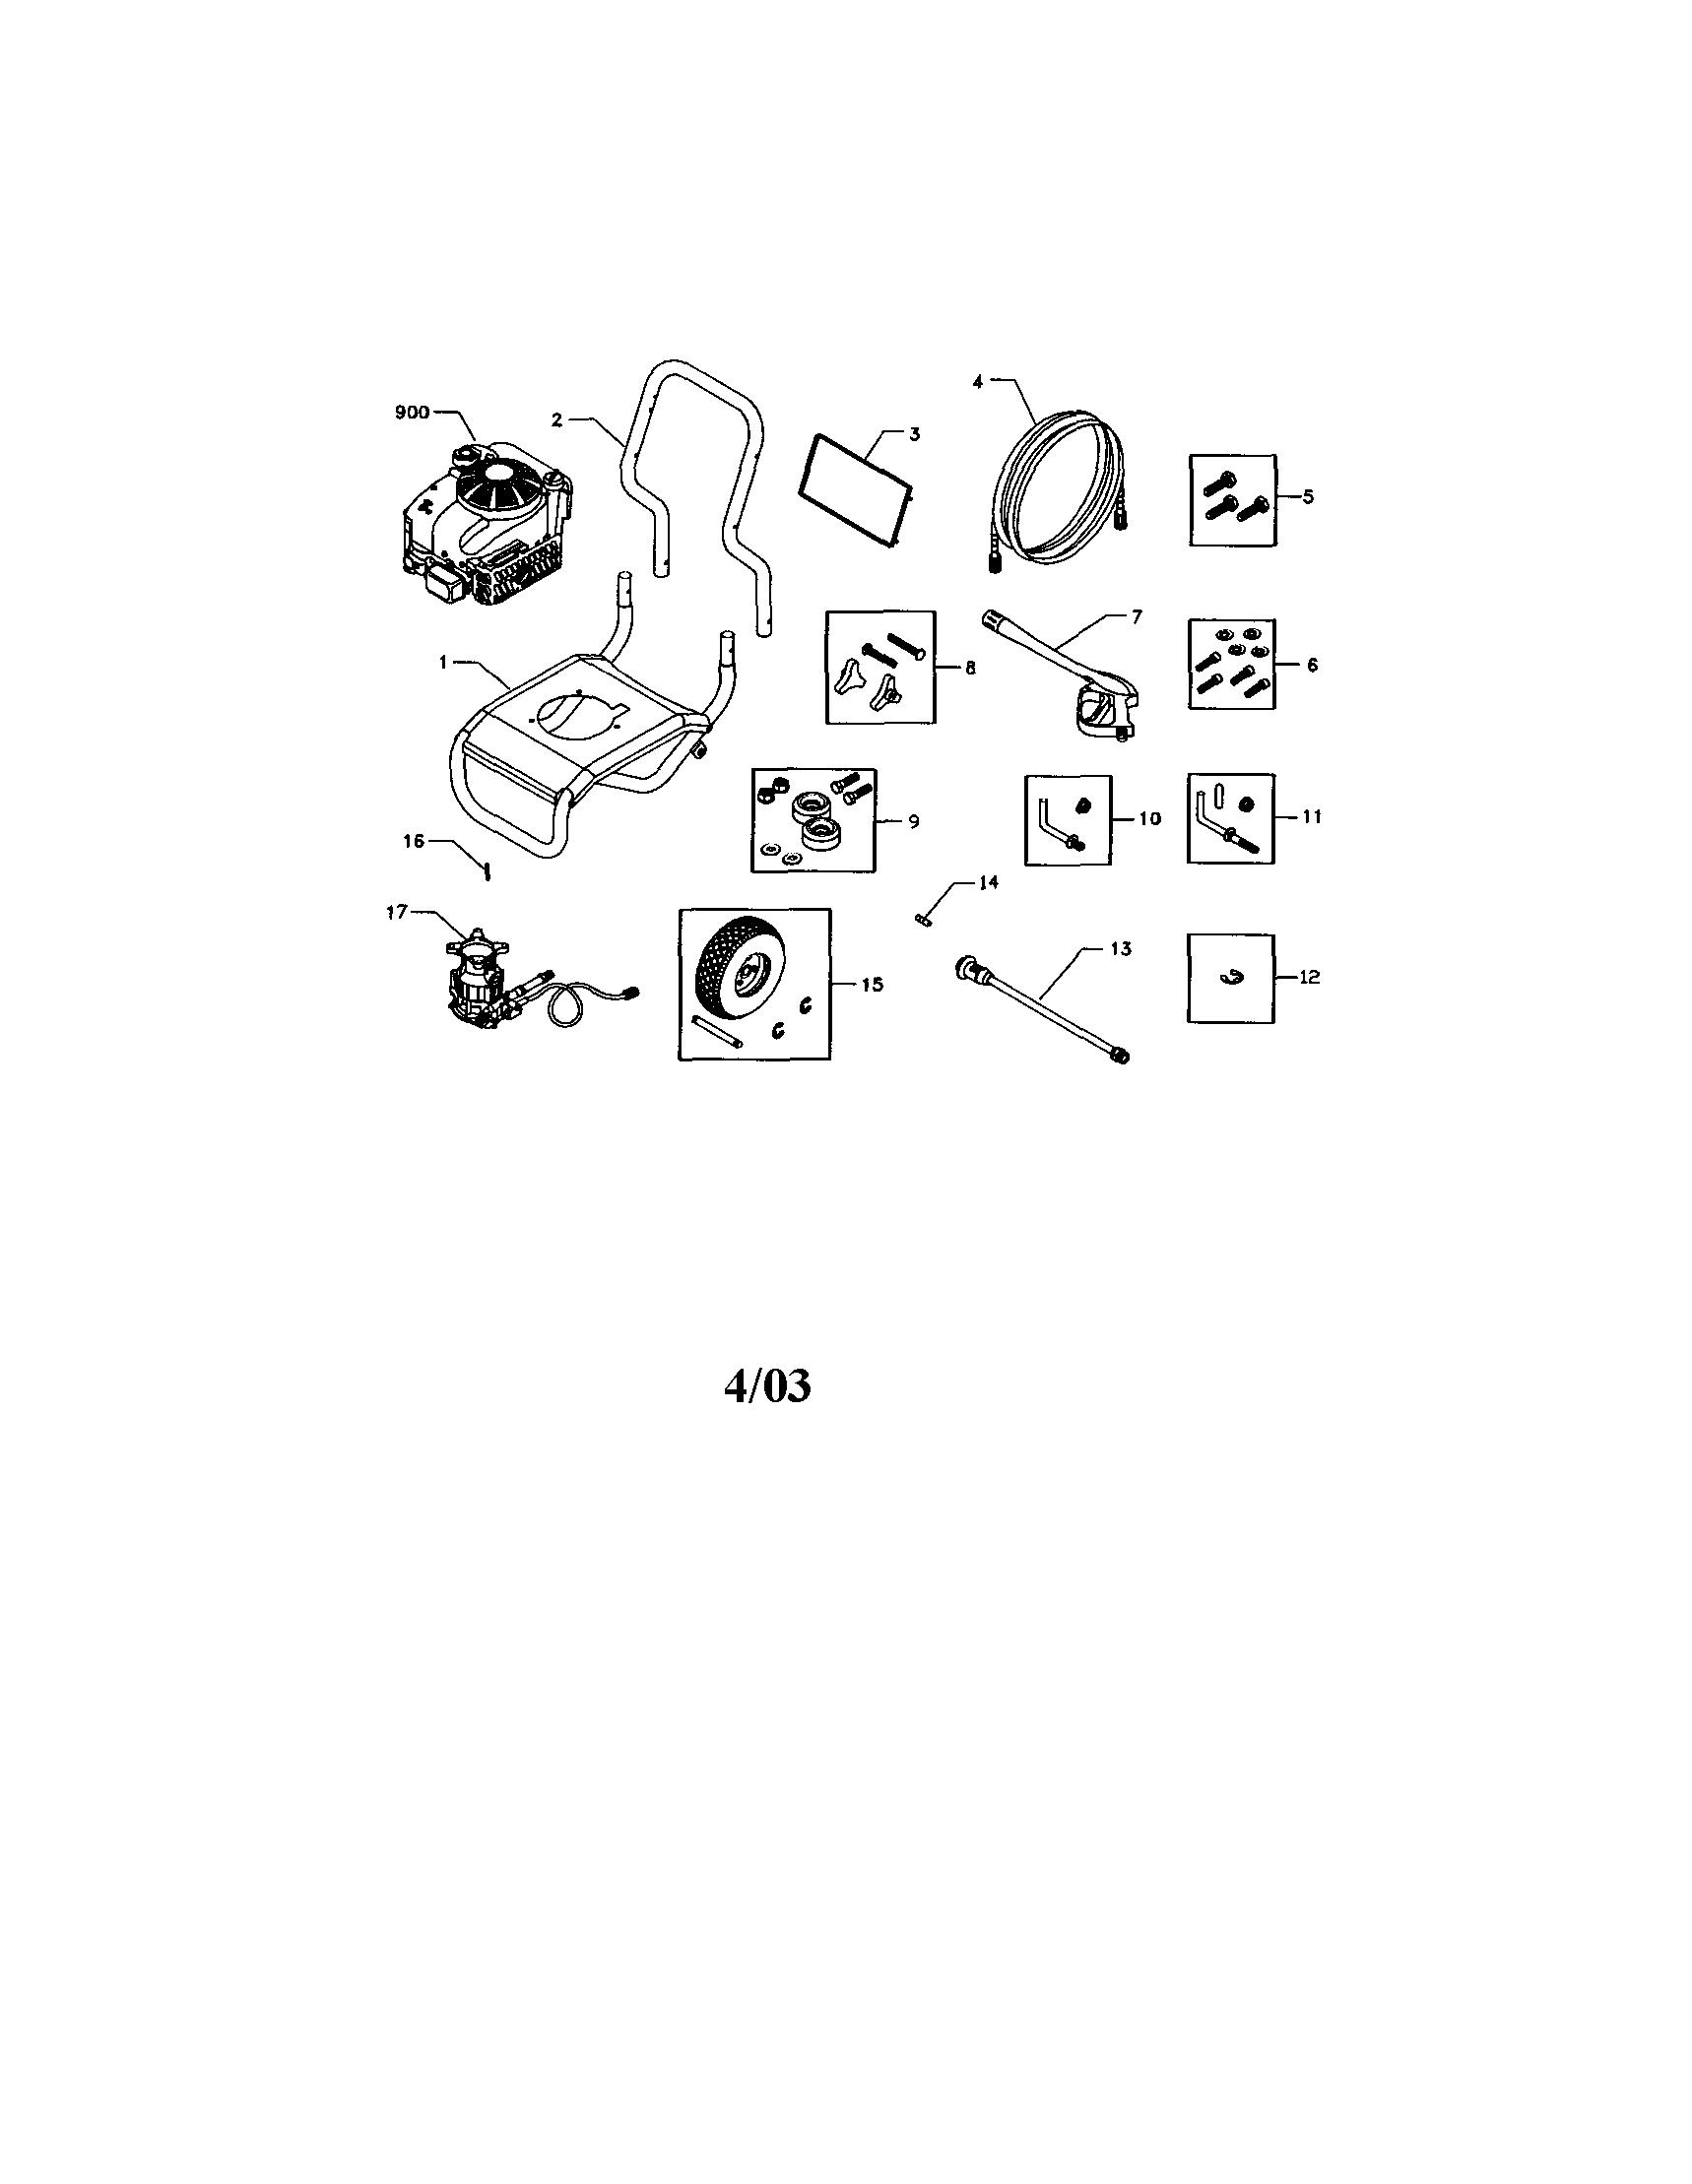 Zc 8710  Wiring Diagram Karcher Pressure Washer Wiring Diagram